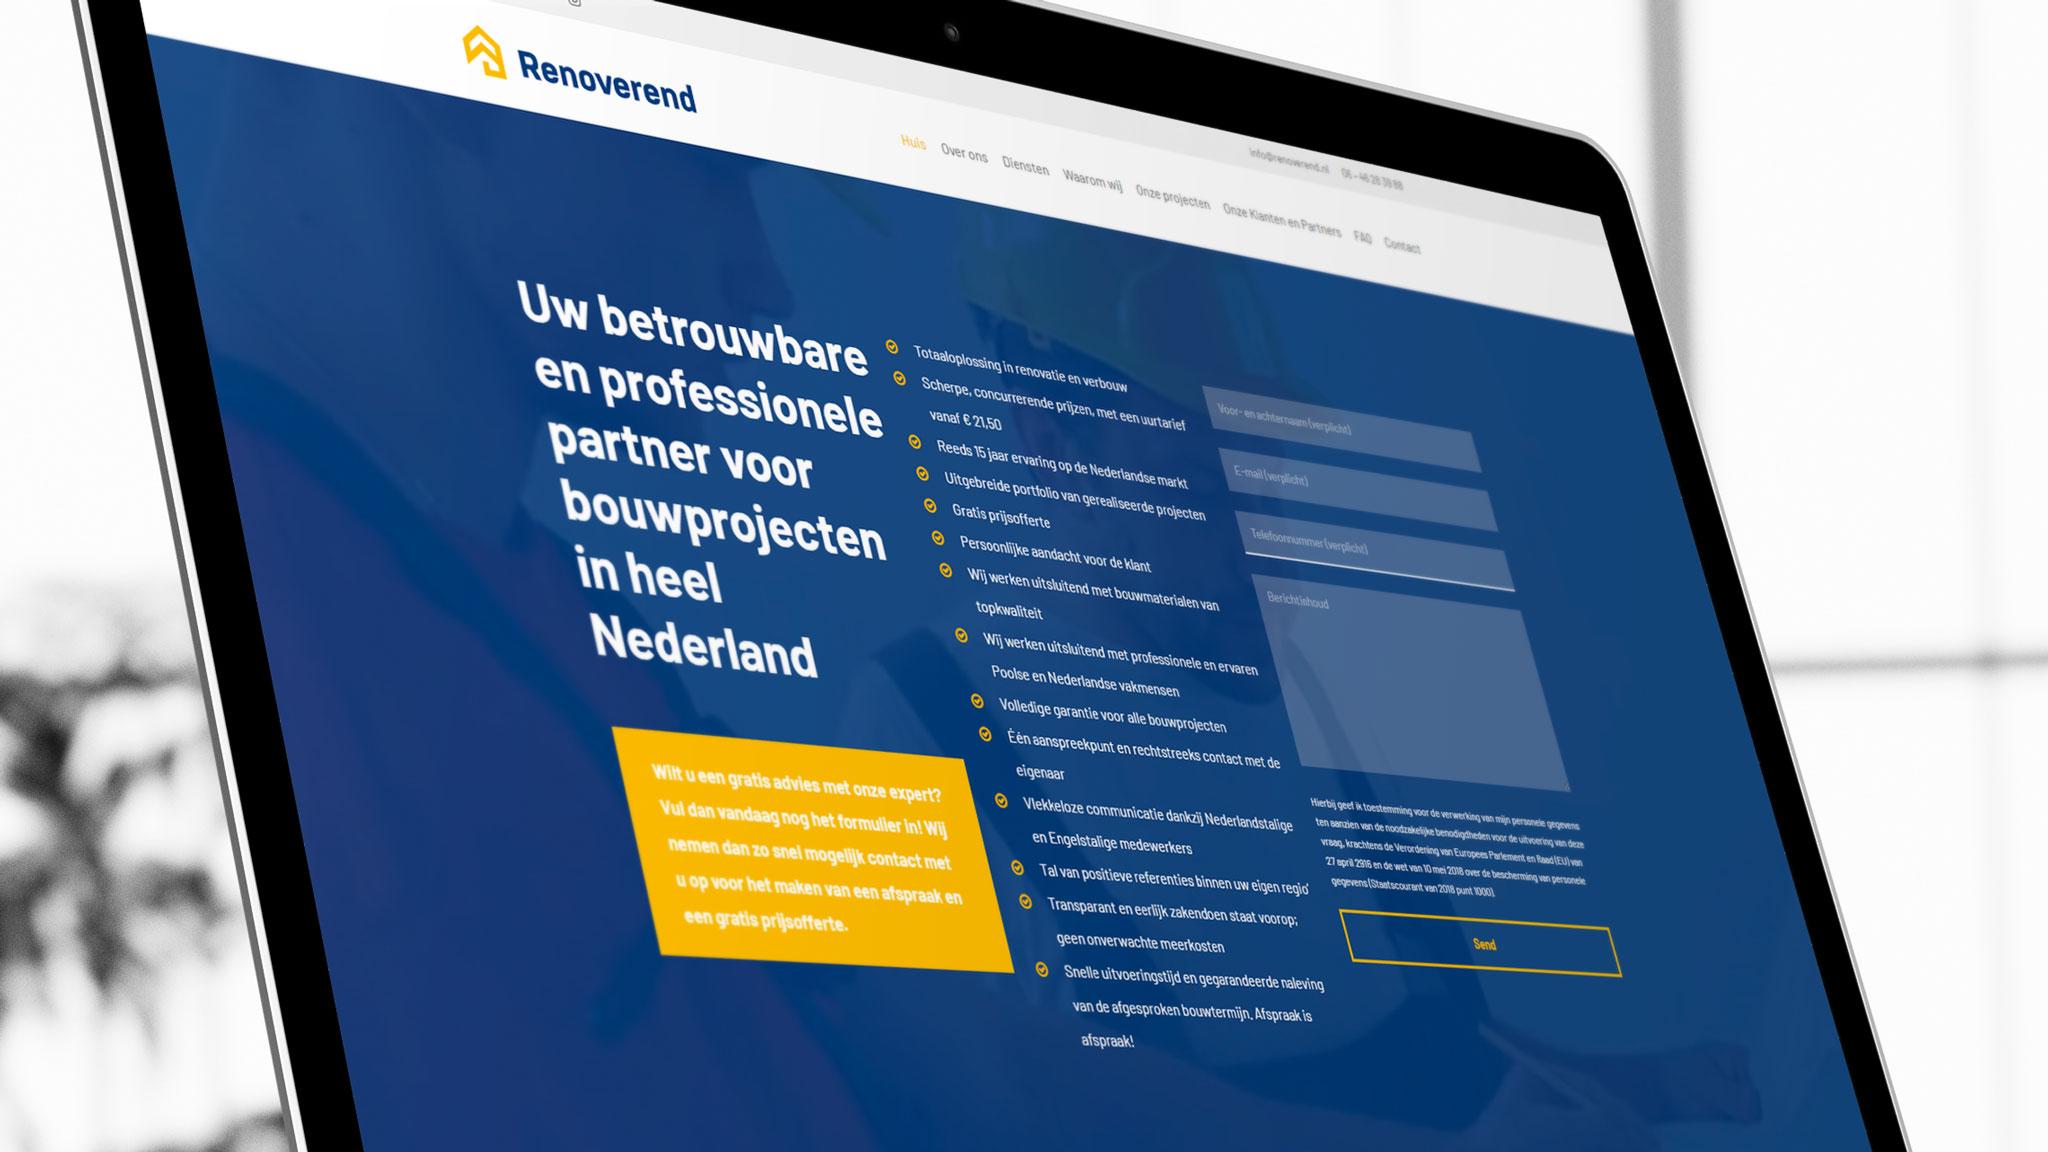 Landing Page zformularzem pozyskiwania leadów sprzedażowych dla holenderskiej marki budowlanej Renoverend